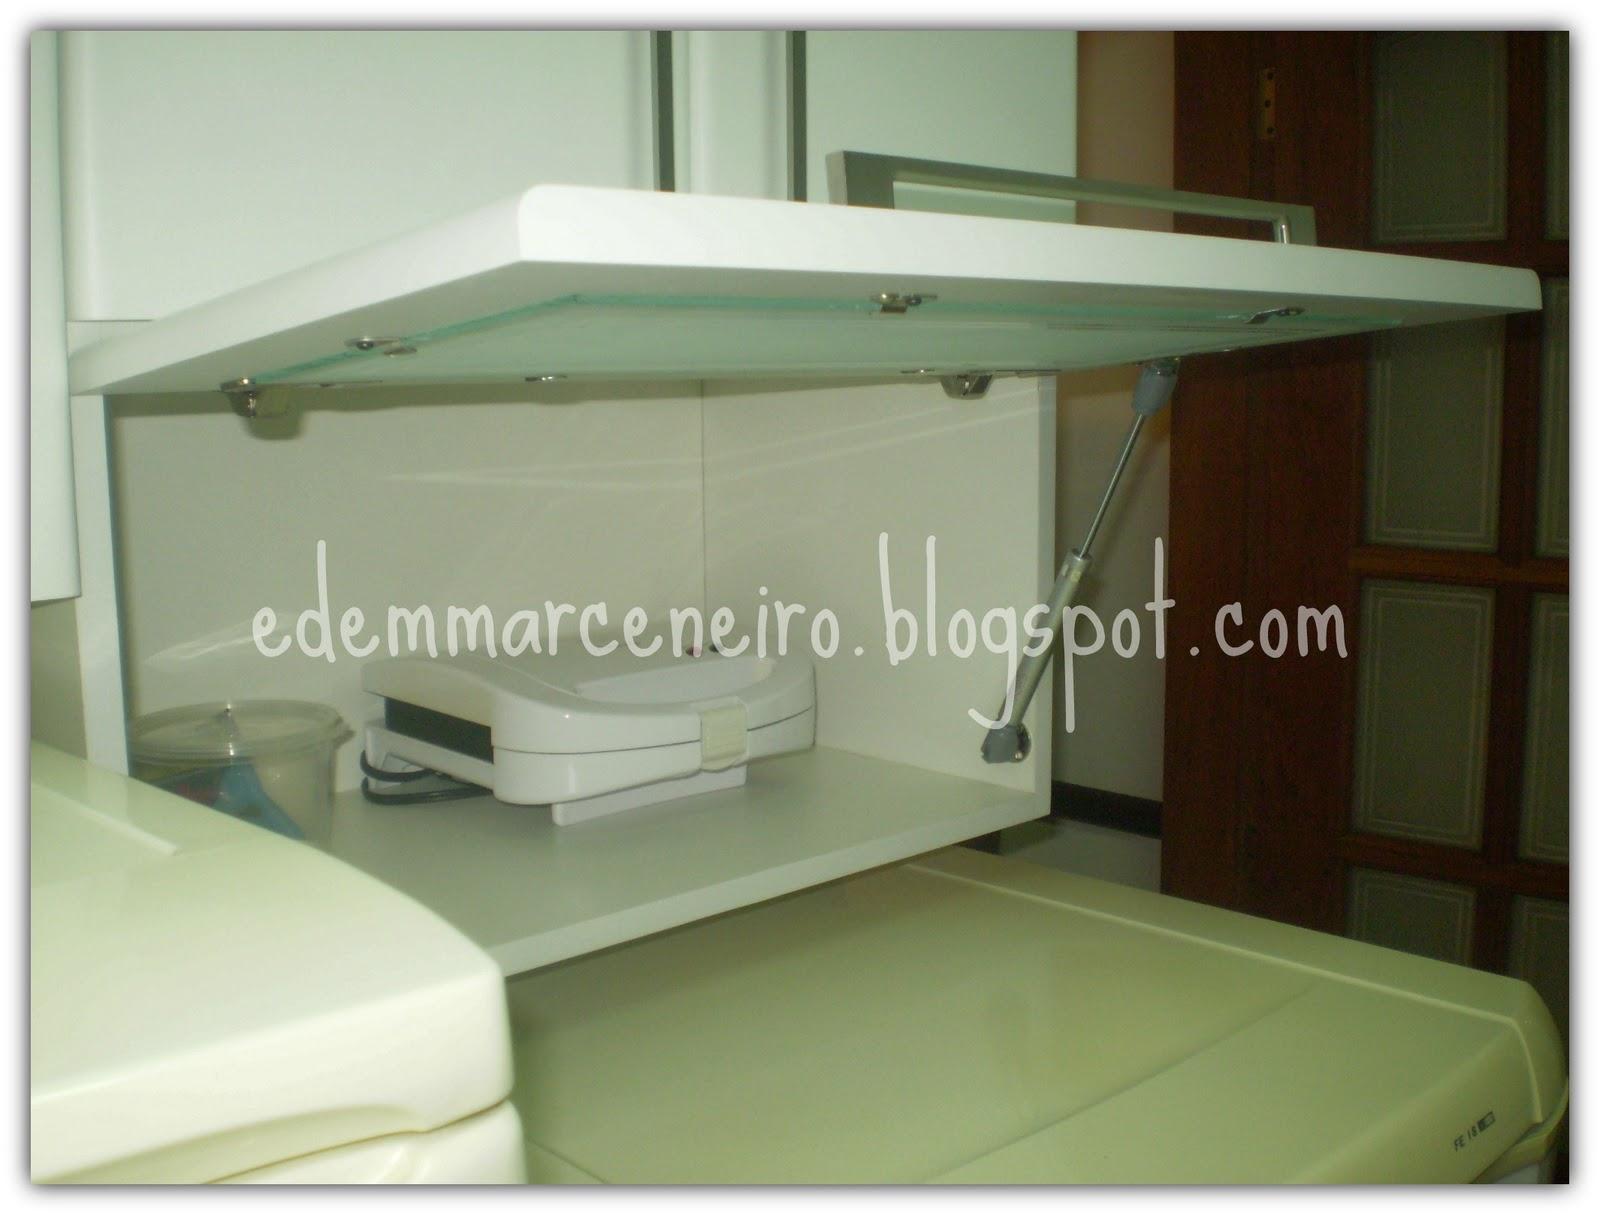 Fazer um armário por etapas é possível?  Edem Marceneiro -> Armario De Banheiro Feito Por Marceneiro